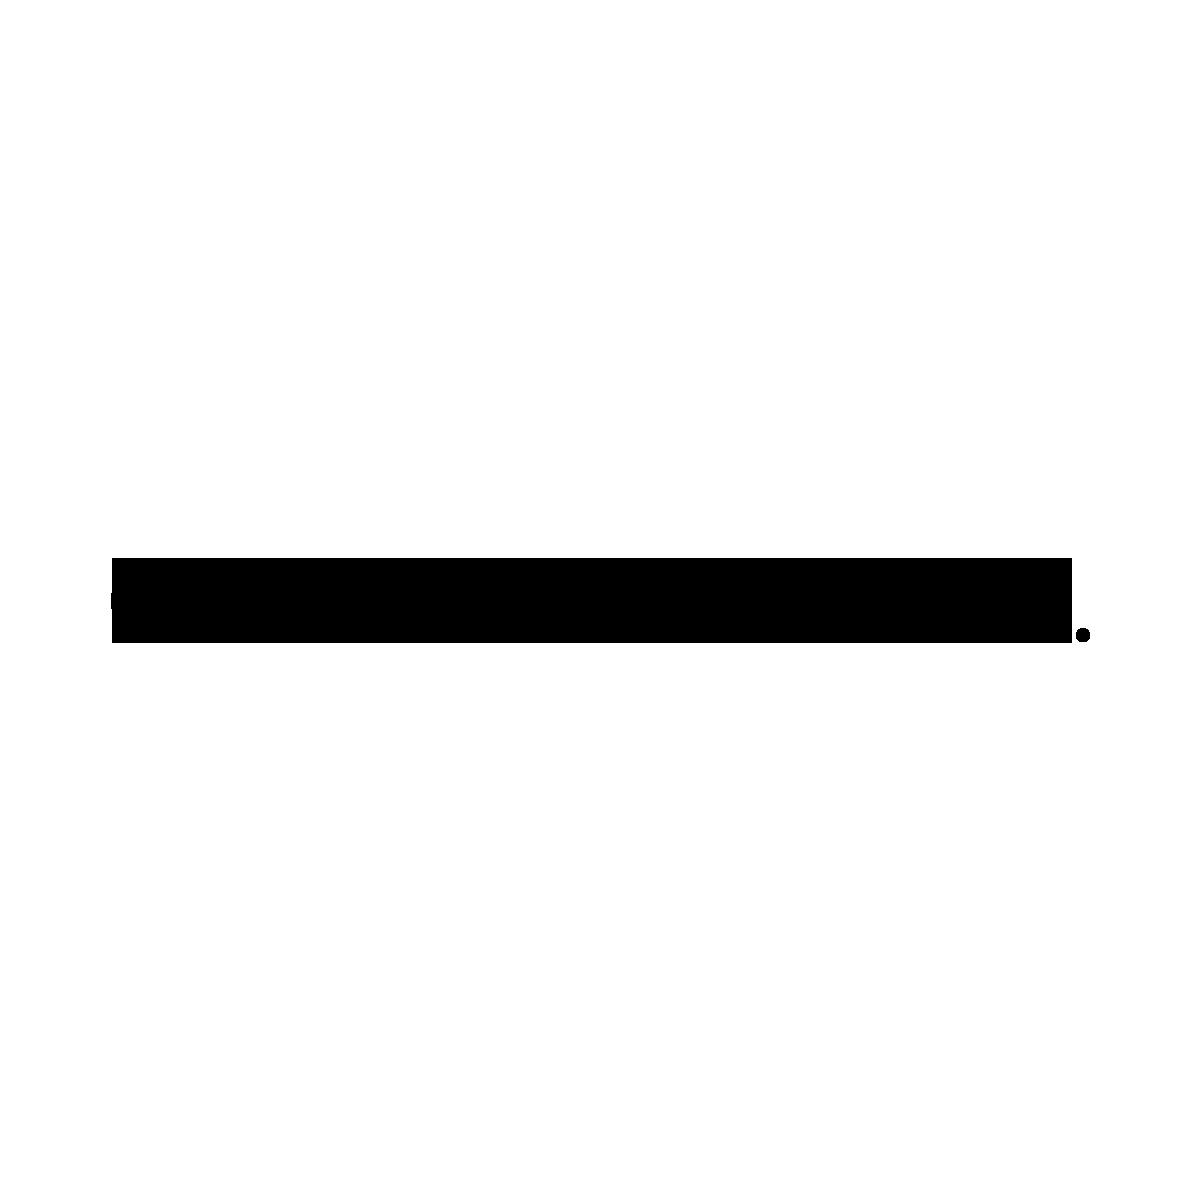 Sneakers-Crista-Schwarz